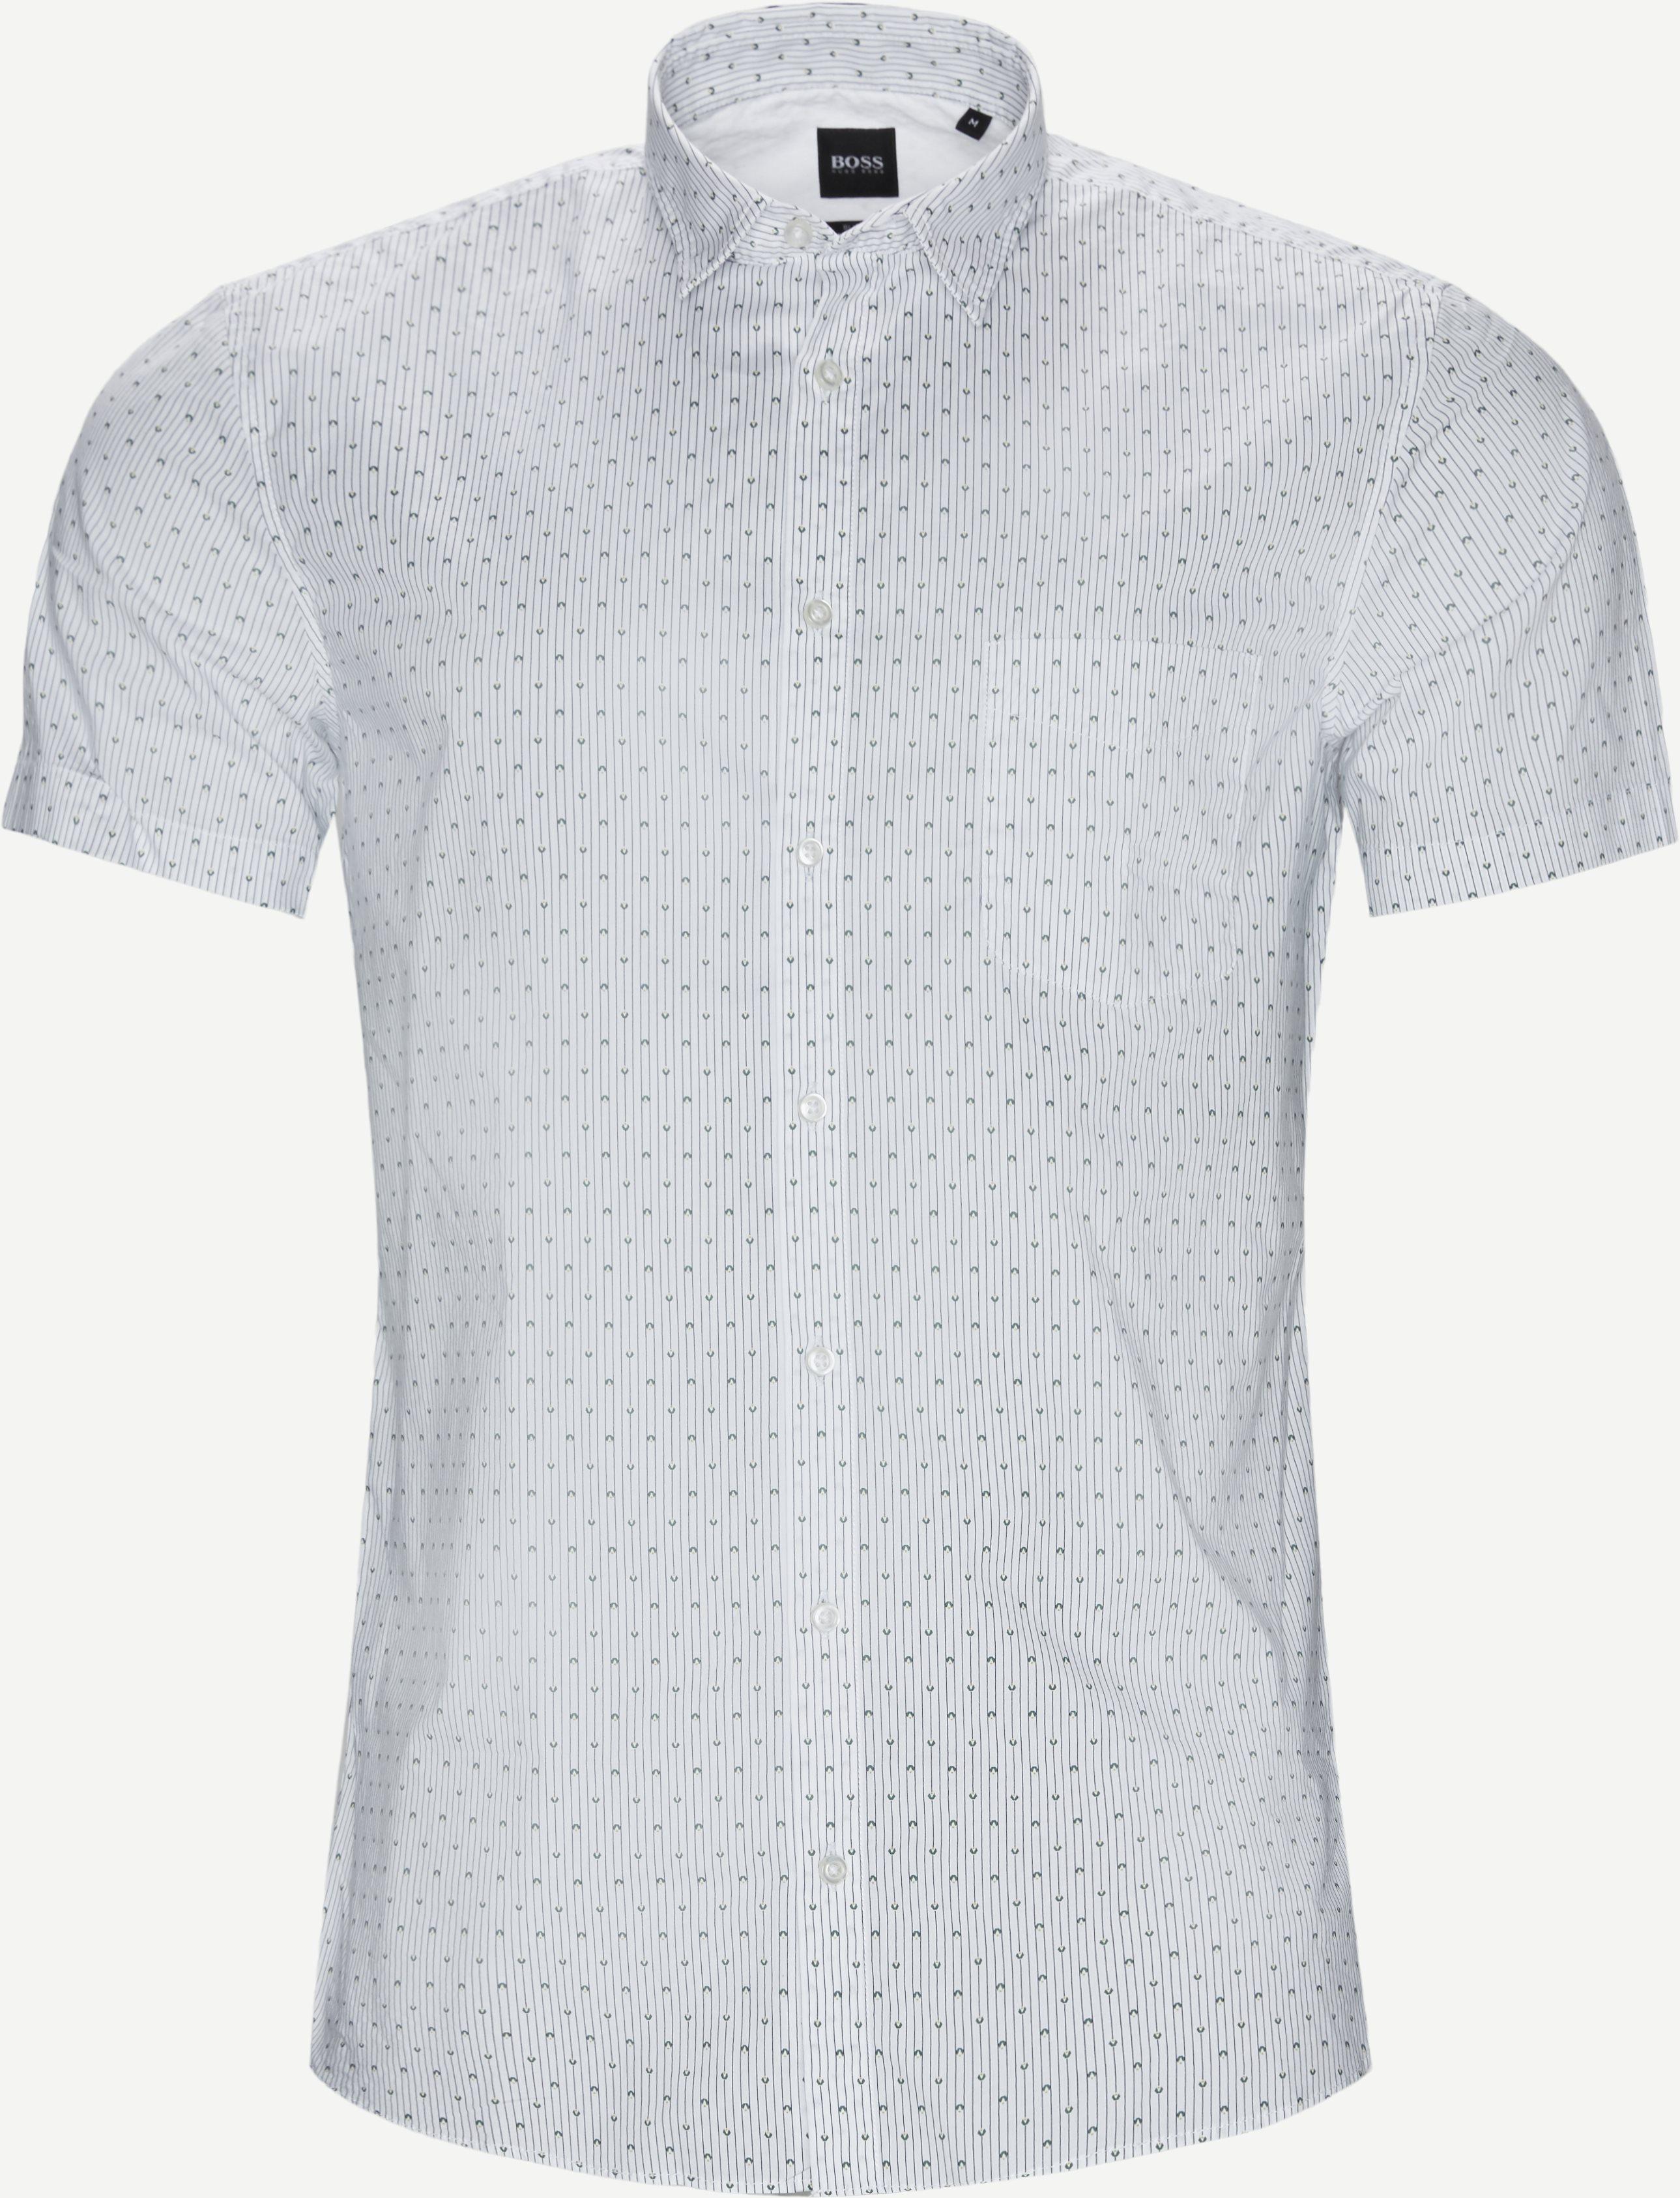 Kortärmade skjortor - Slim fit - Vit